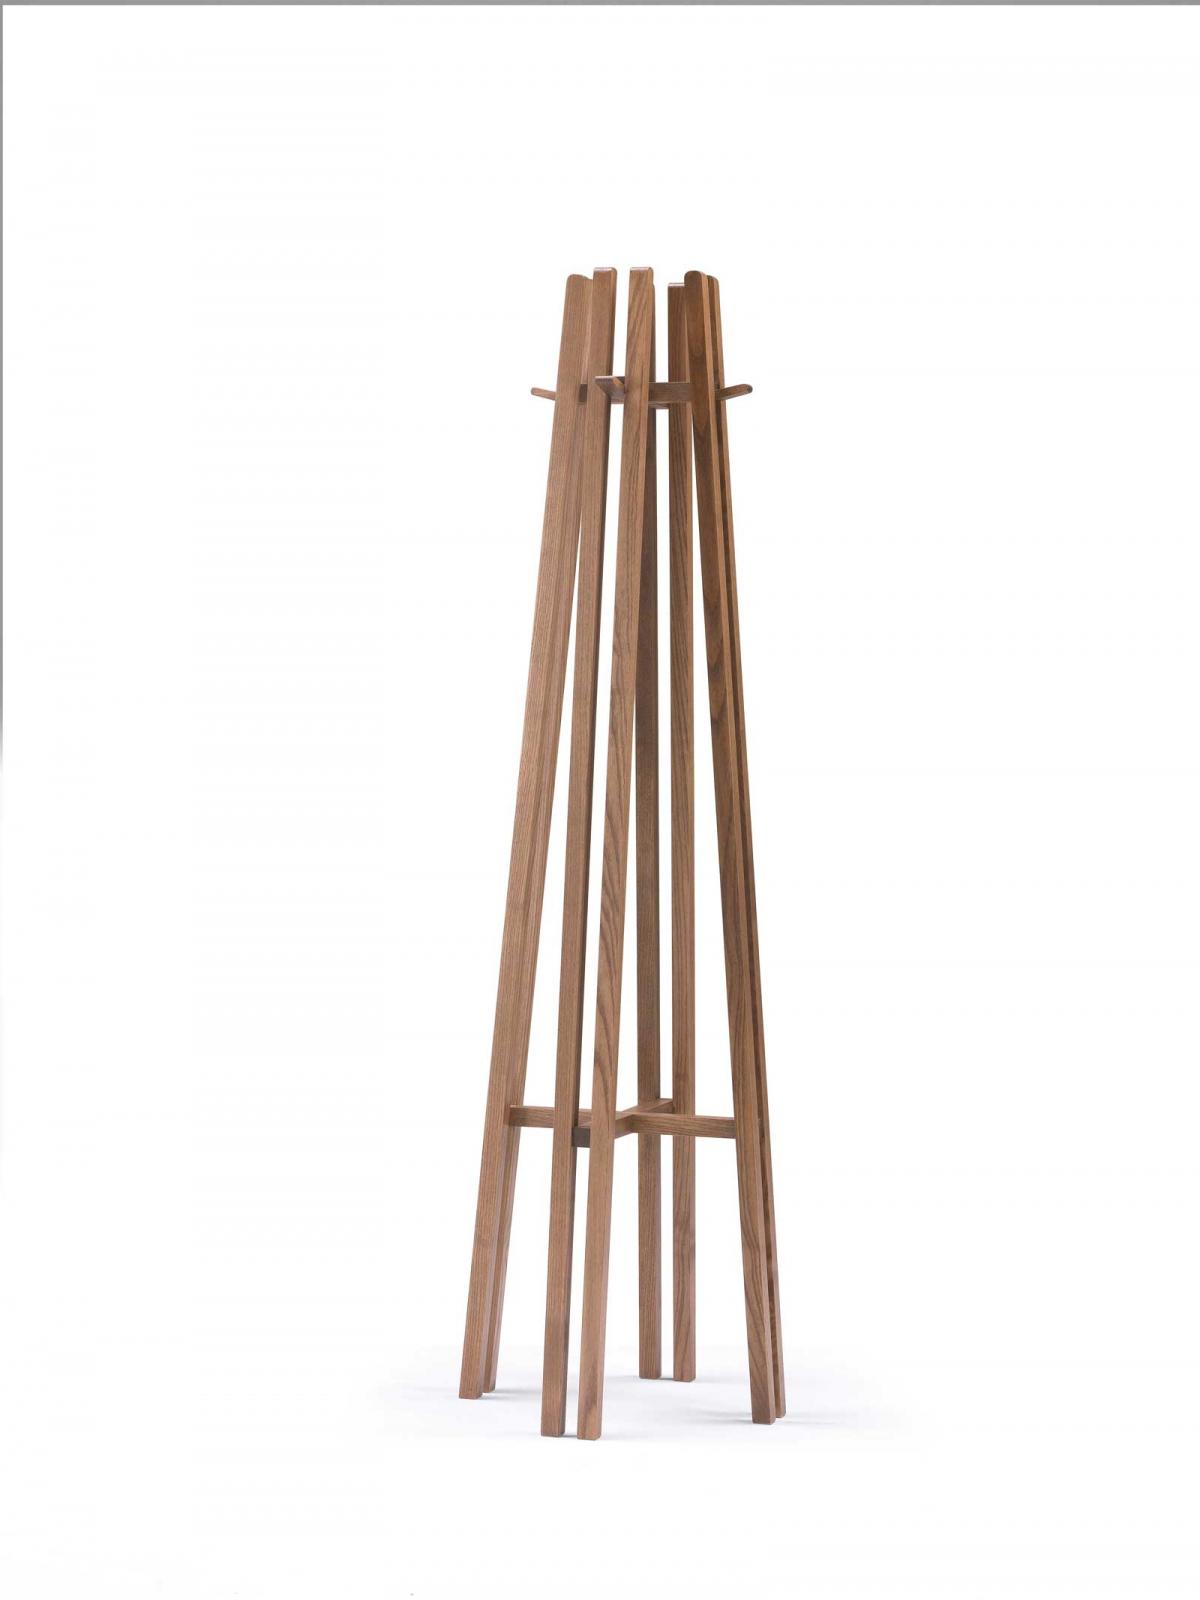 KEN Floor Coat Hanger in solid walnut-stained plywood.